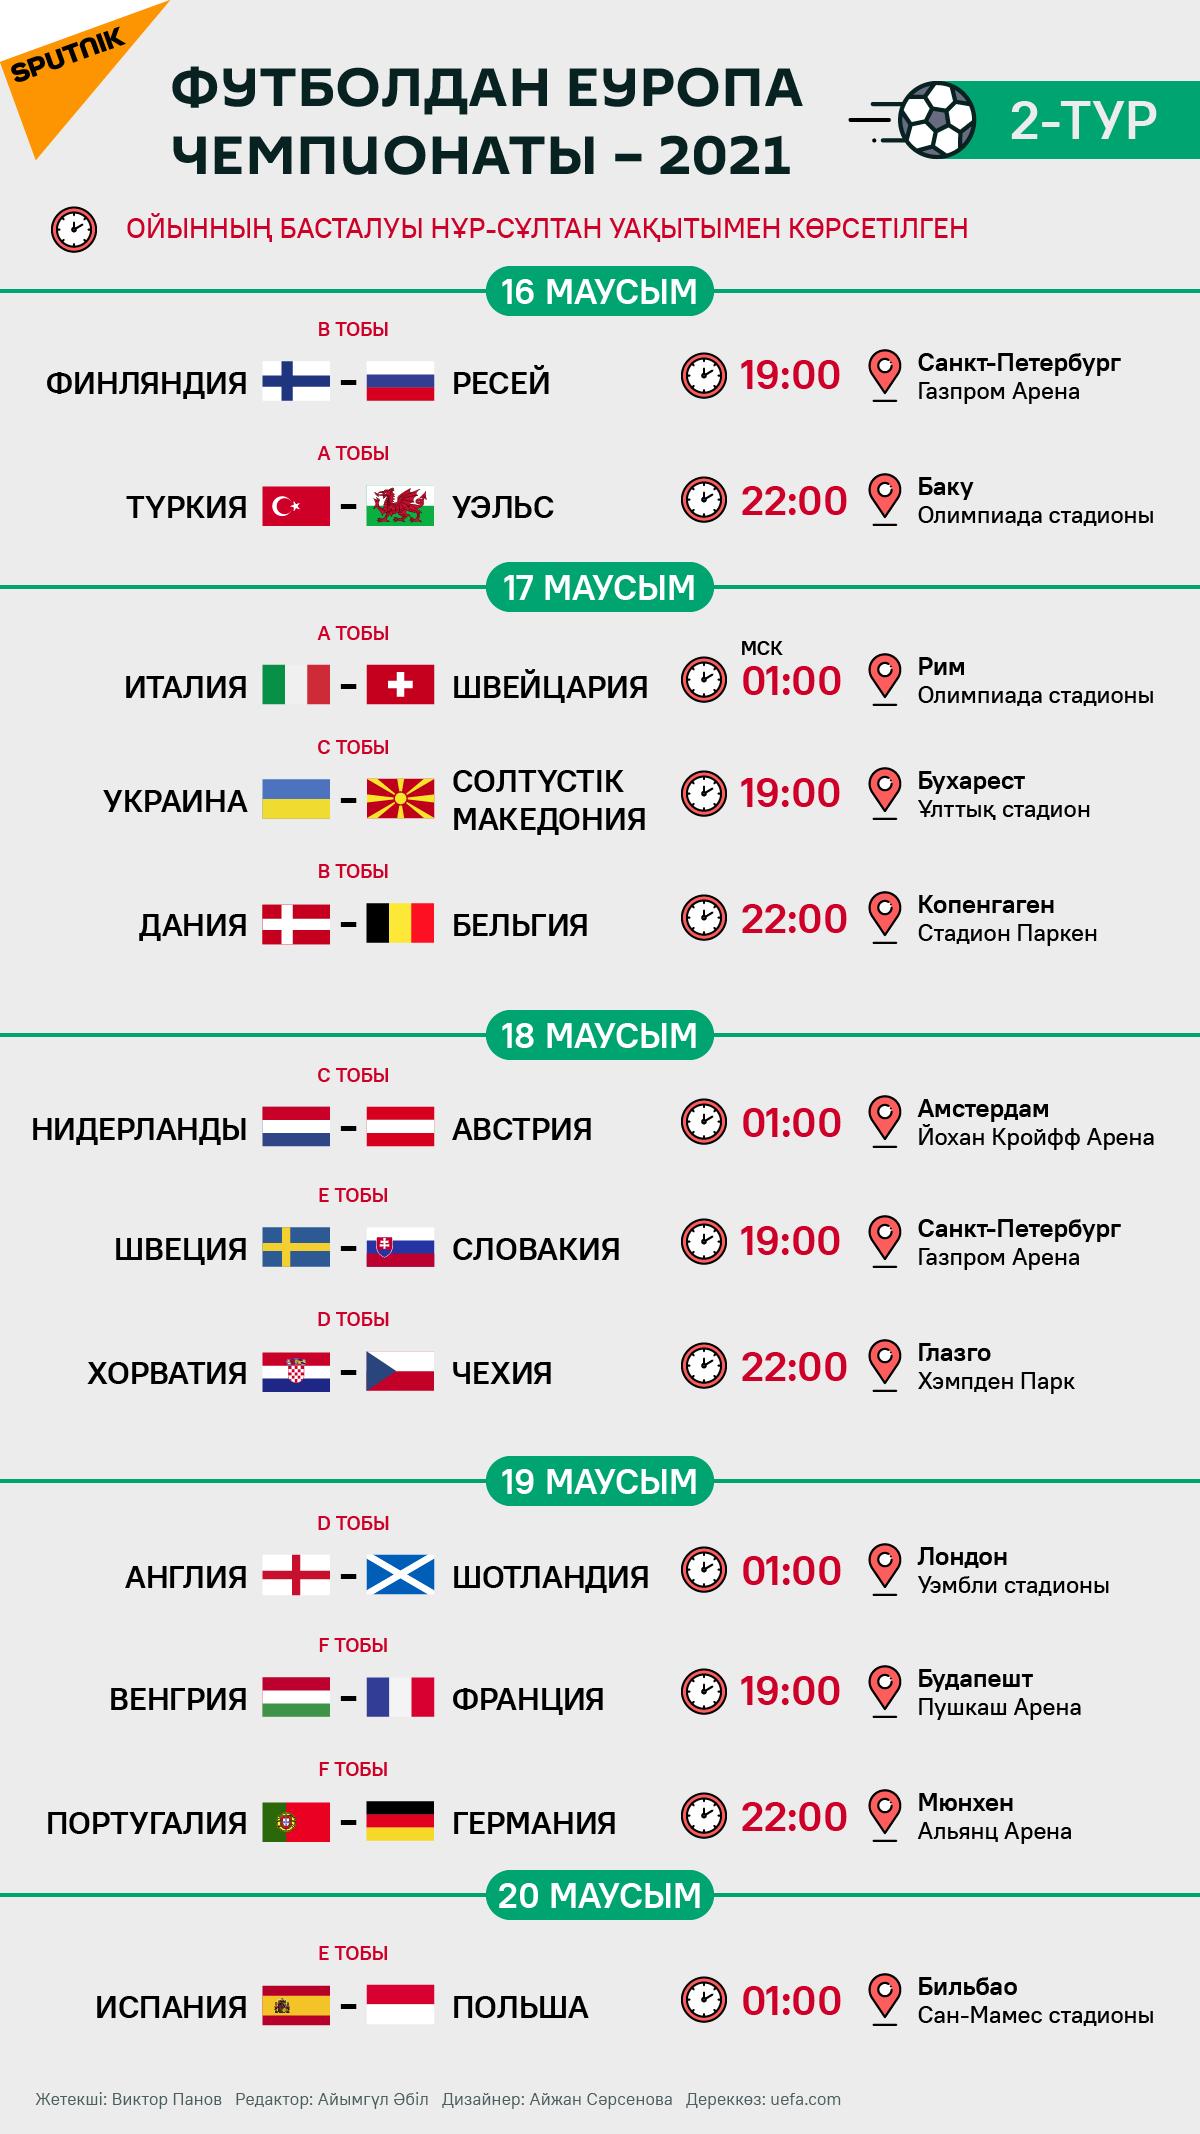 Футболдан Еуропа чемпионаты – 2020: екінші турдың кестесі